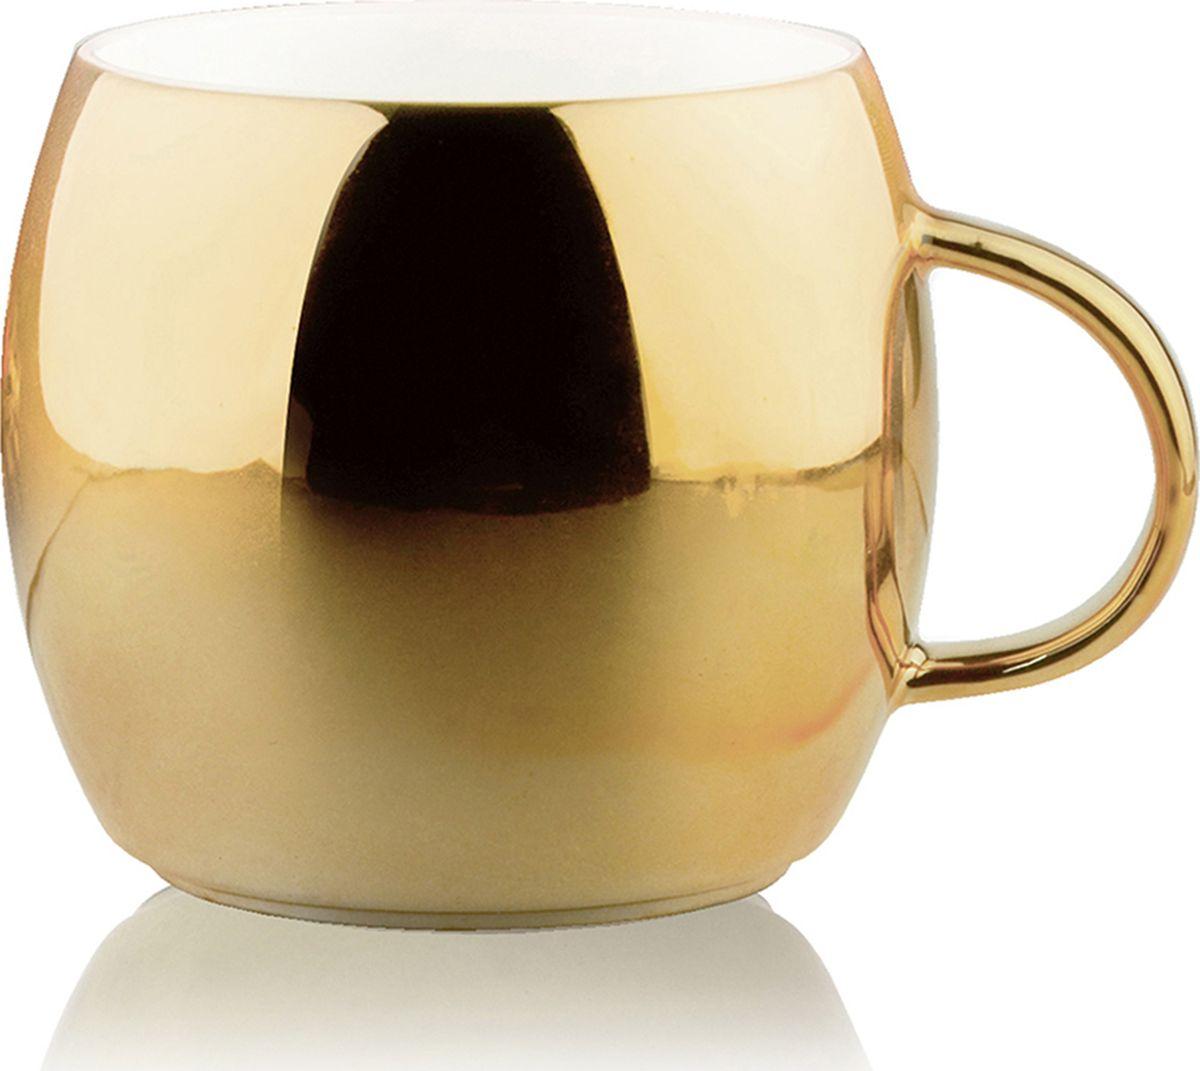 Кружка Asobu Sparkling mugs, цвет: золотистый, 380 млMUG 550 goldНасладитесь чашечкой горячего шоколада или любимого праздничного напитка с игристой коллекцией кружек Asobu Sparkling mugs. Глянцевое, полированное покрытие кружек мерцает и переливается, создавая особенное, праздничное настроение. * Обратите внимание, что в связи с глянцевым покрытием могут быть незначительные недостатки в отделке.Особенности: 390 мл.Экстраглянцевое покрытие.Яркие праздничные цветаИдеально подходит для горячего шоколада или других праздничных напитков.Мыть только руками! Не рекомендуется мыть в посудомоечной машине!